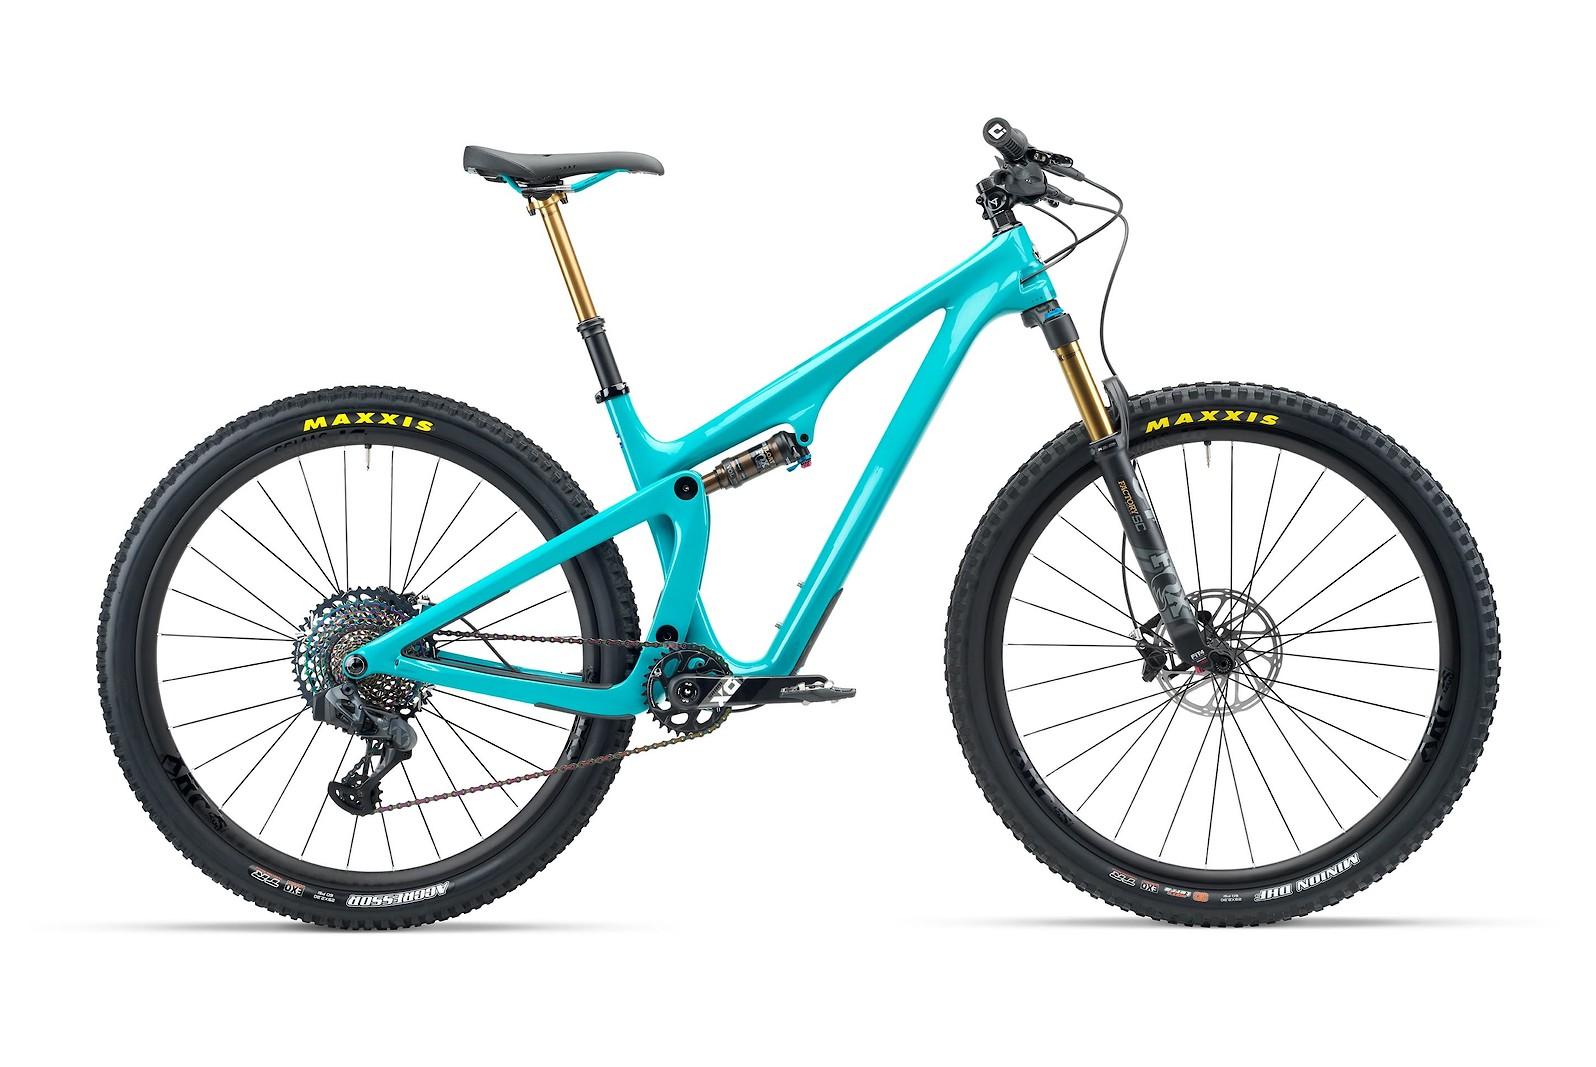 2020 Yeti SB100 T3 (Turquoise)